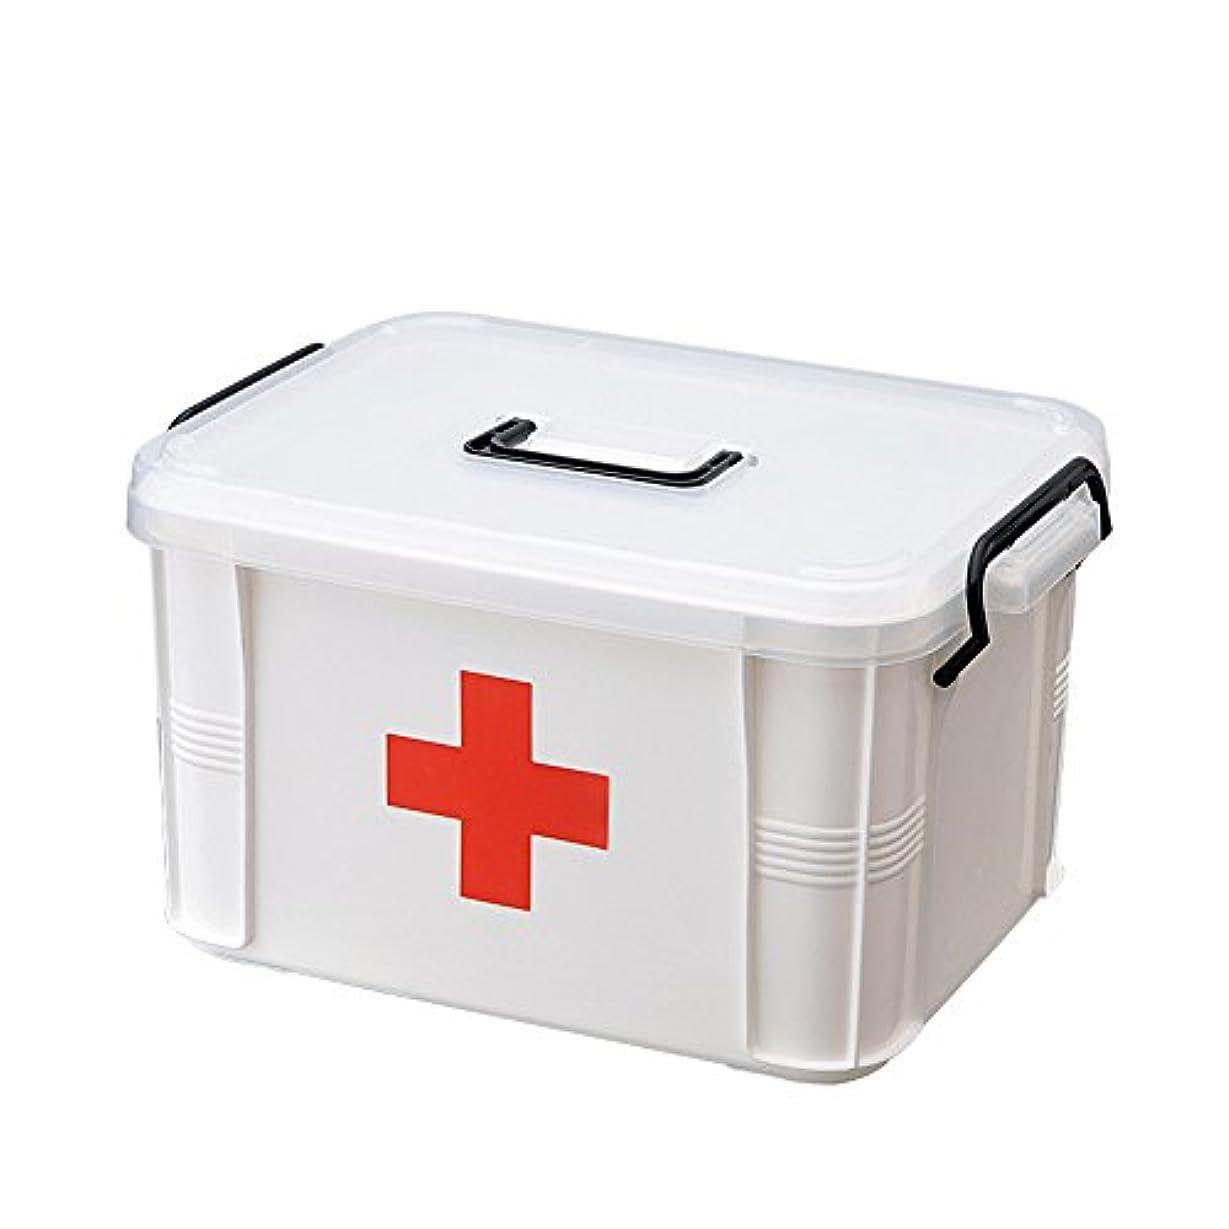 洗練されたランク火山OLDF 白いプラスチックホーム応急処置キット医療の2つの層ポータブル屋外サバイバル緊急キット治療薬保管ボックス